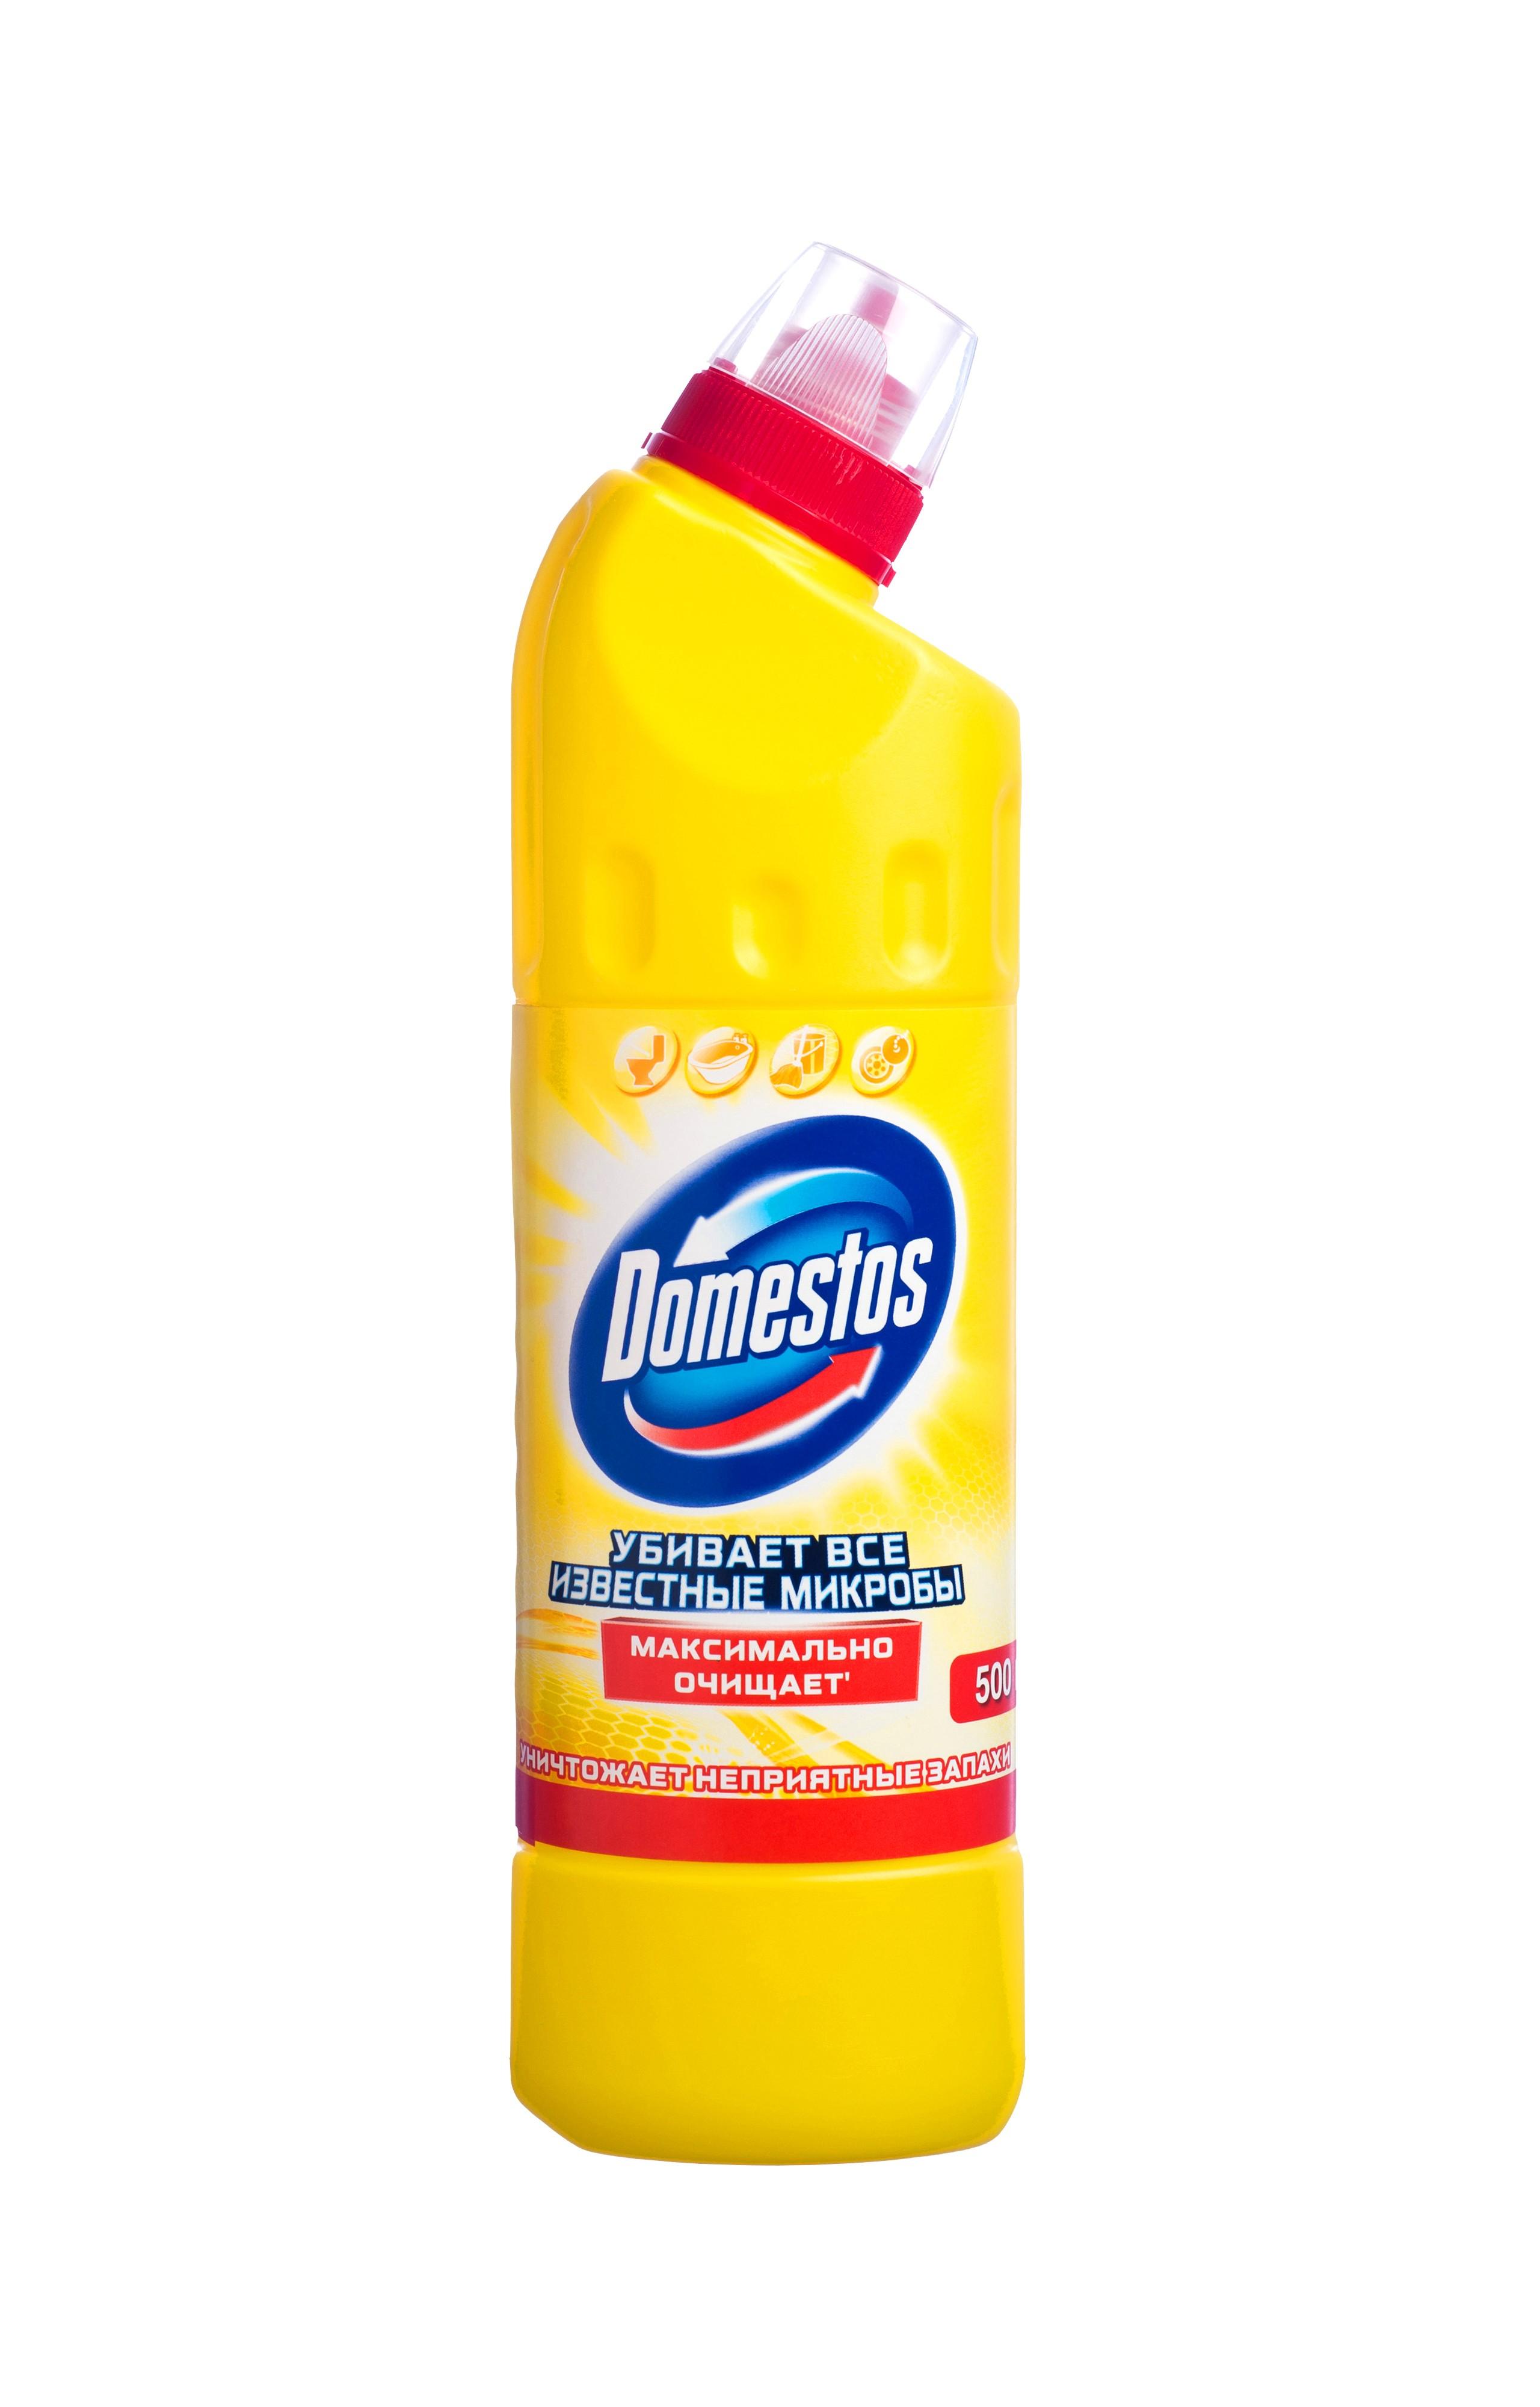 Domestos Чистящее и дезинфицирующее средство Двойная сила, универсальное, лимонная свежесть, 500 мл средство чистящее domestos свежесть атлантики универс 24час